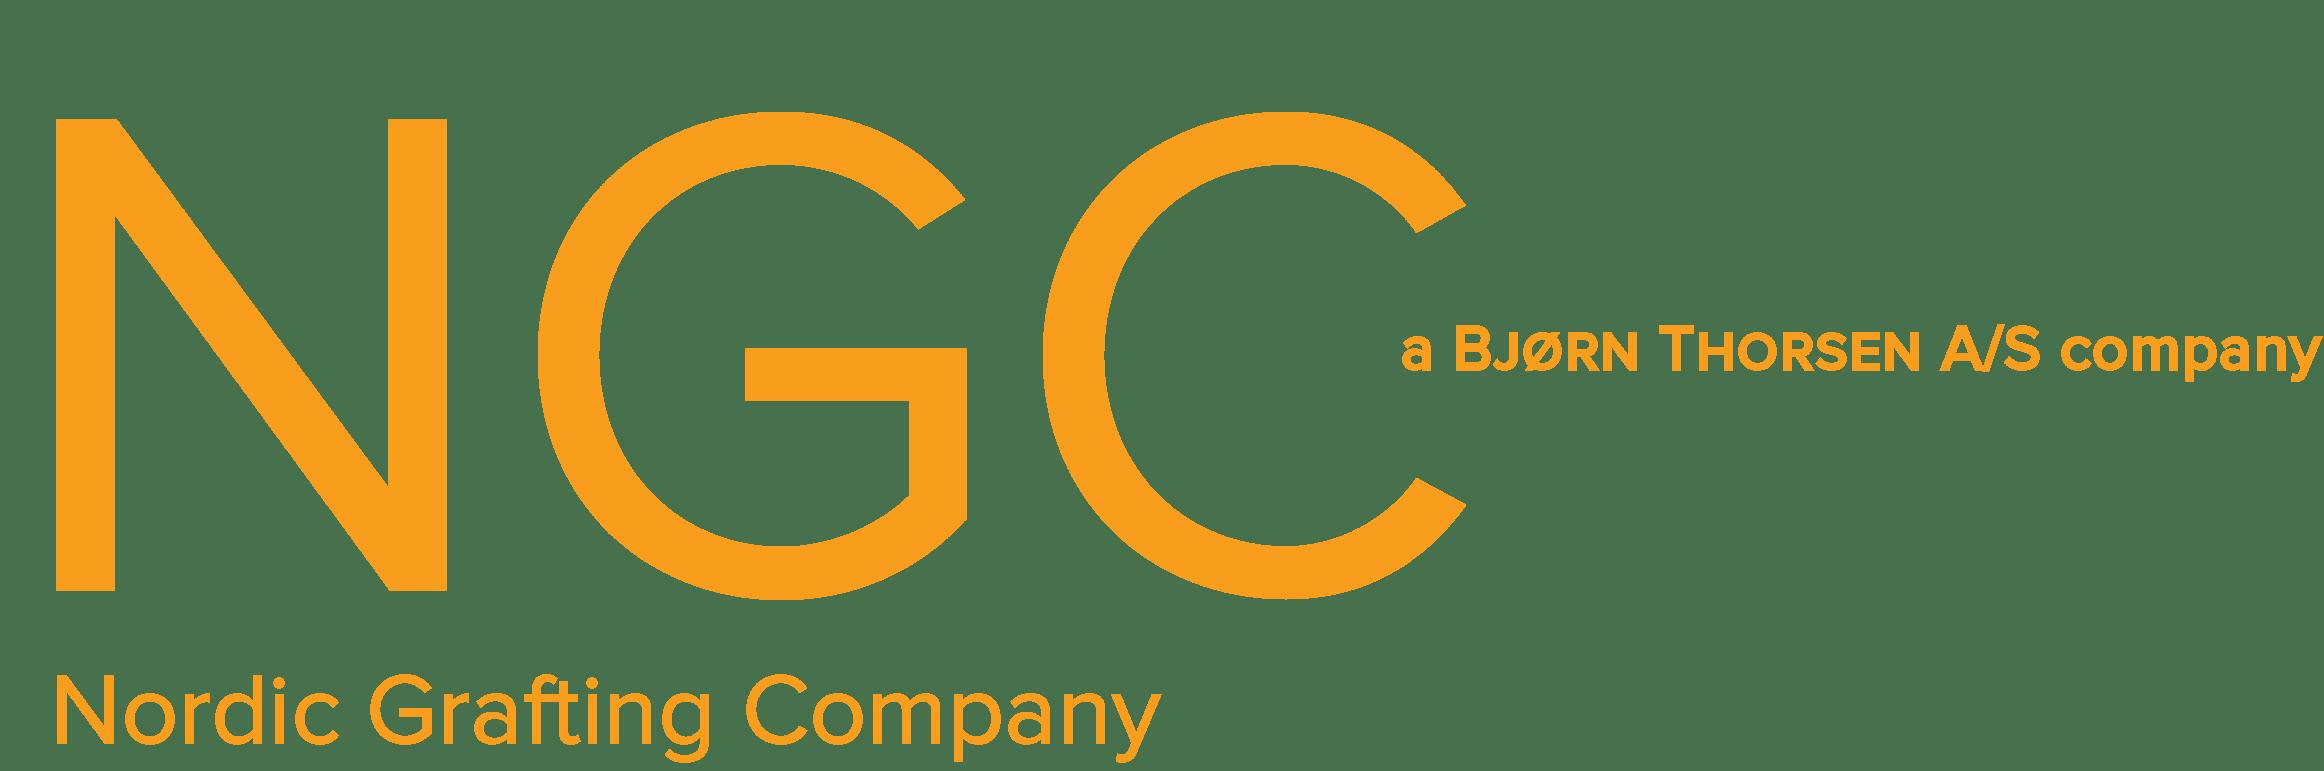 NGC Nordic Grafting company acti tech